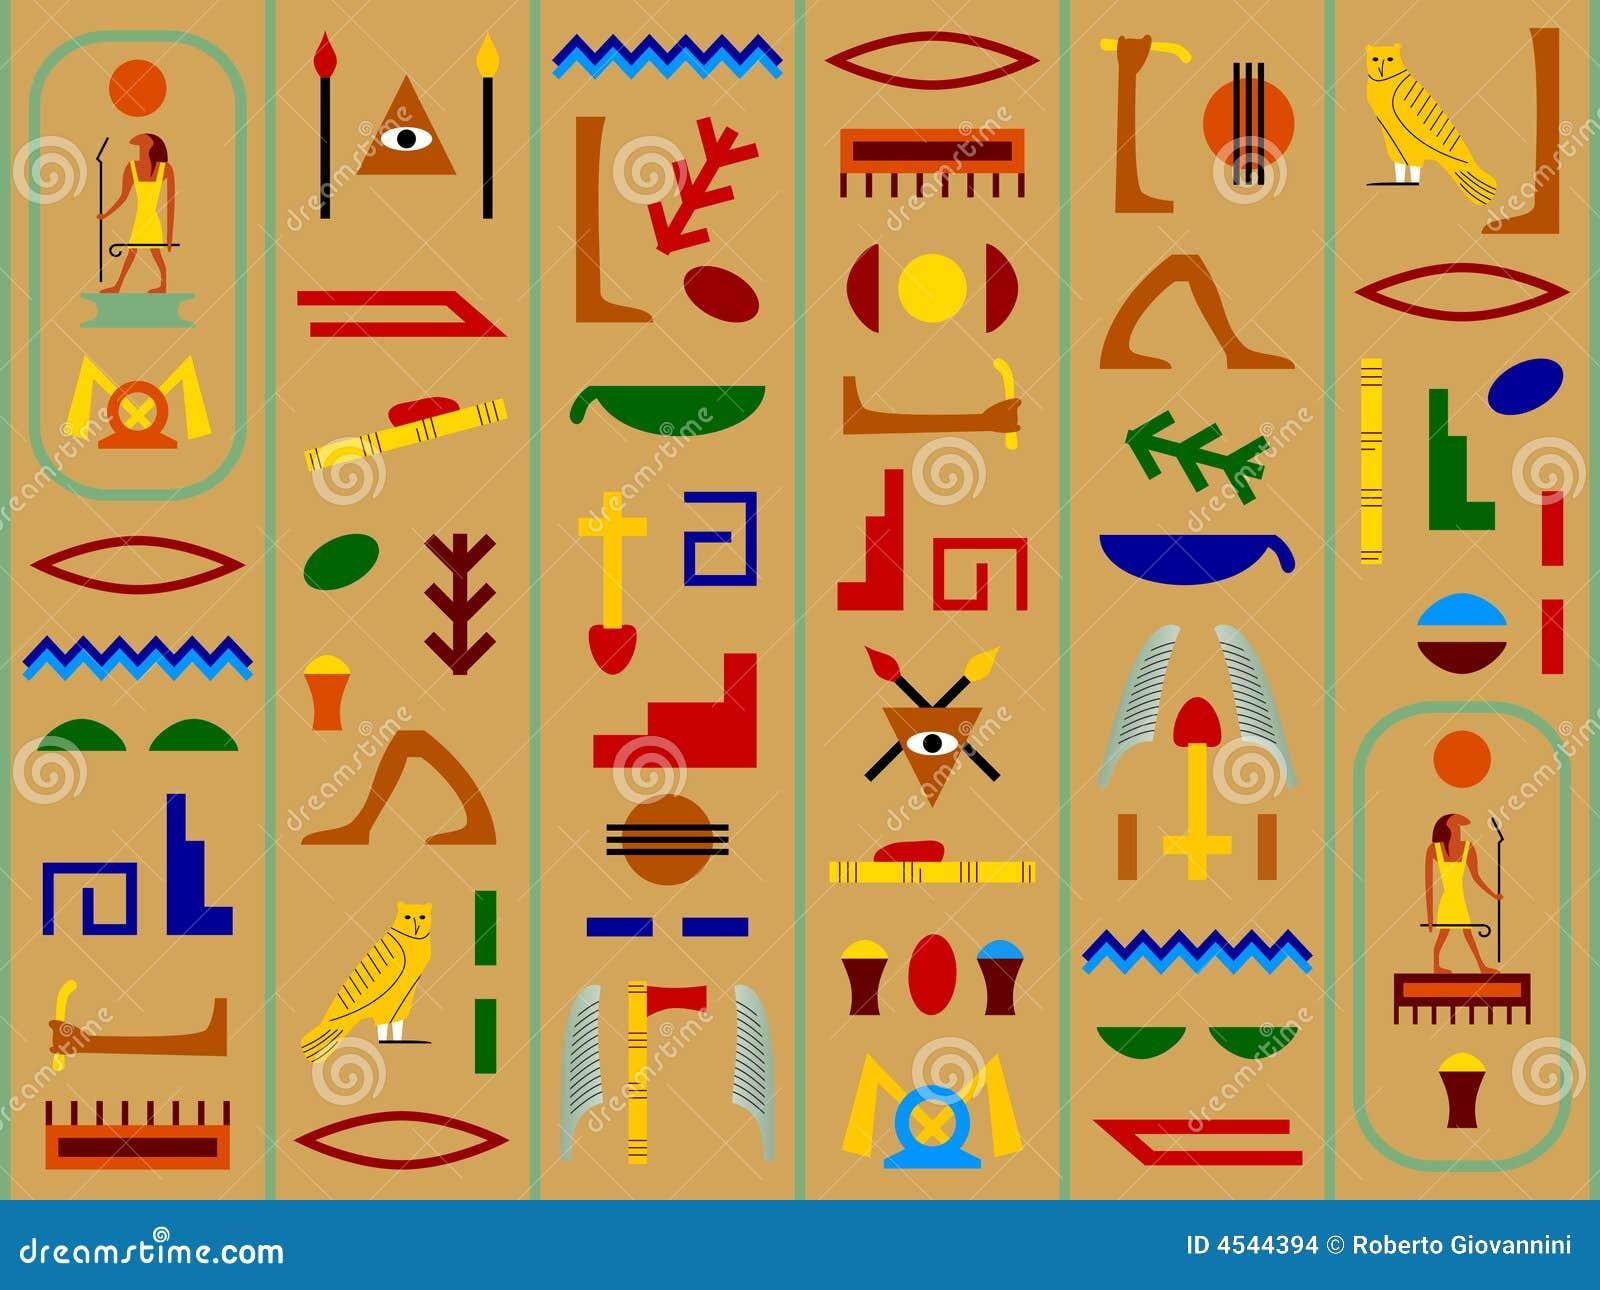 Hieroglyphics Background Stock Images - Image: 4544394